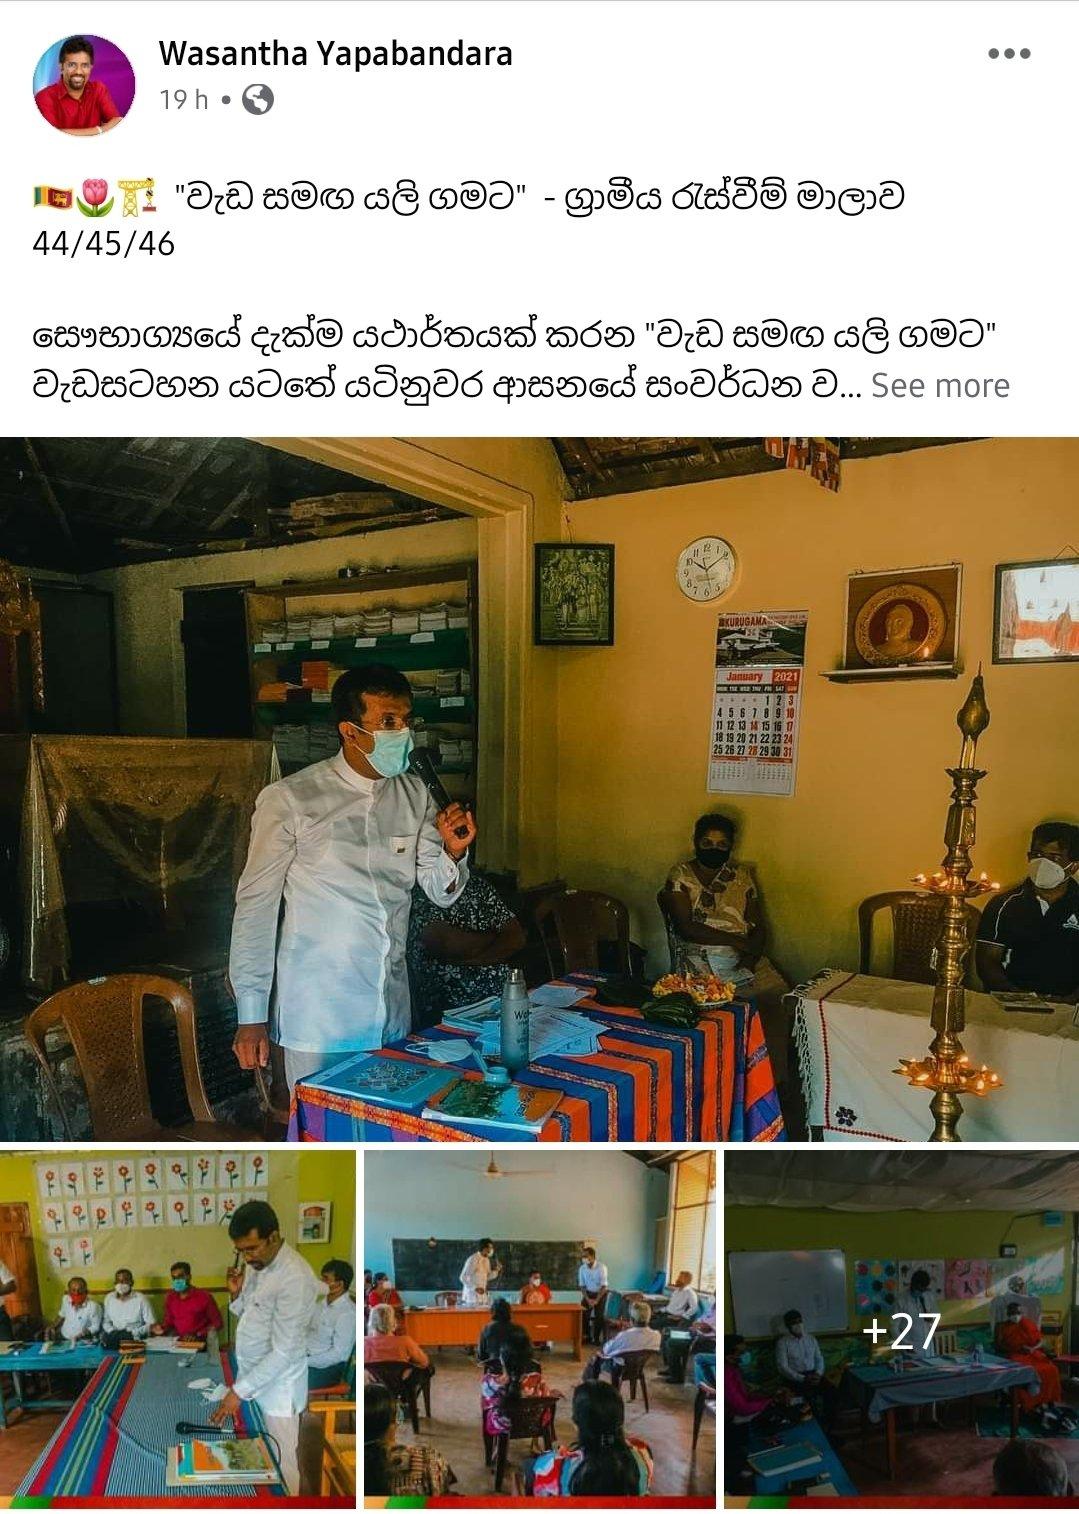 கொரோனா தொற்றிய 6ஆவது எம்.பி வசந்த யாபா பண்டார-Kandy District SLPP MP Wasantha Yapa Bandara Tested Positive for COVID19